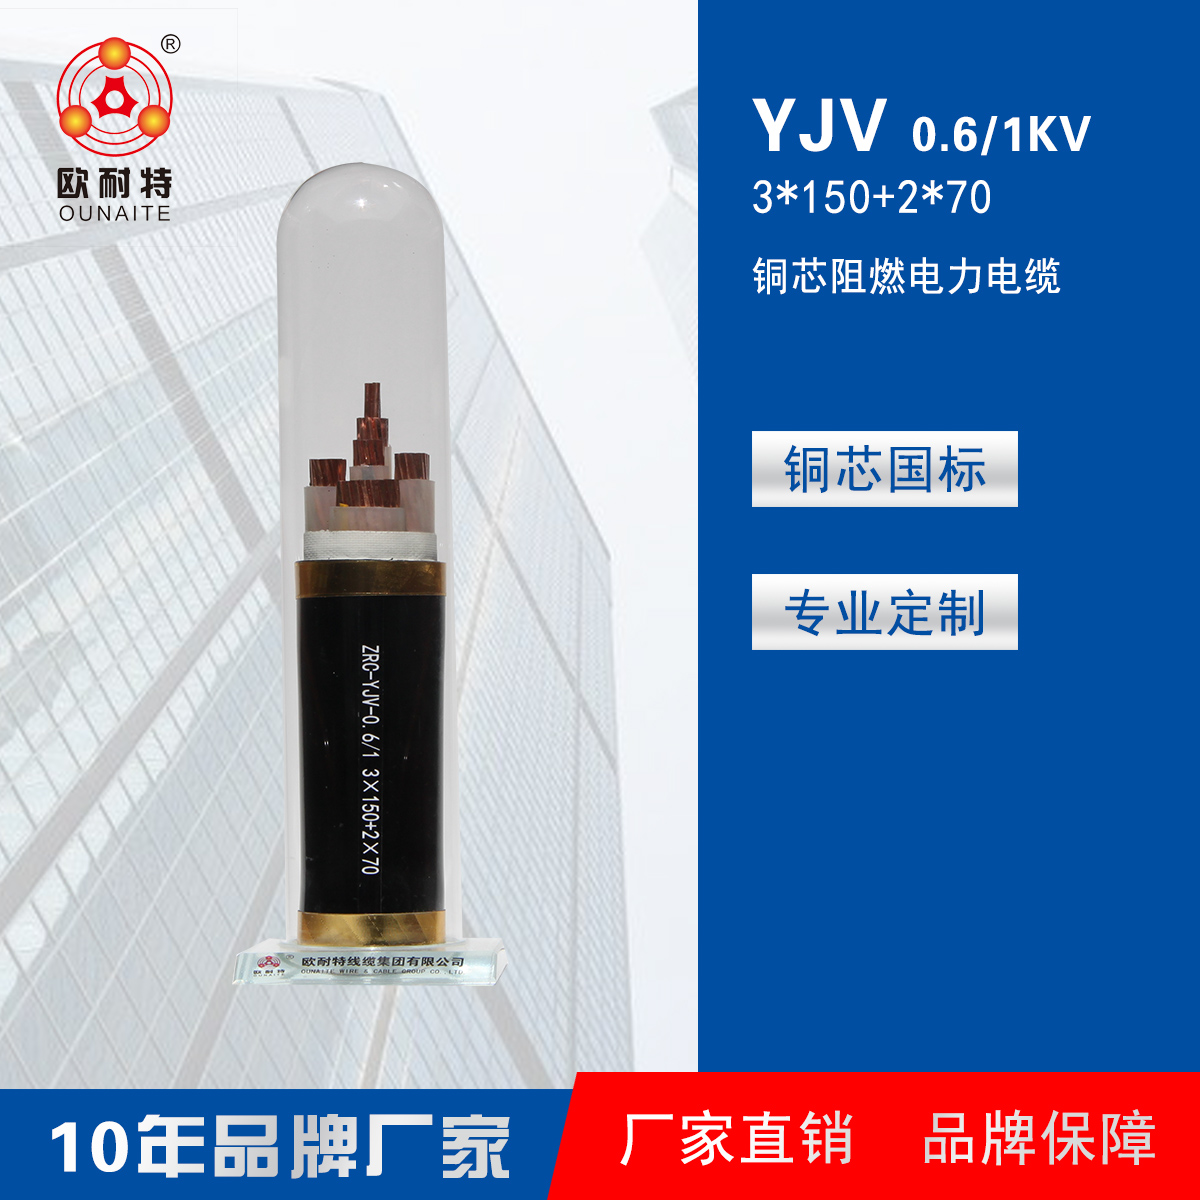 ZRC-YJV 0.6/1KV  3*150+2*70